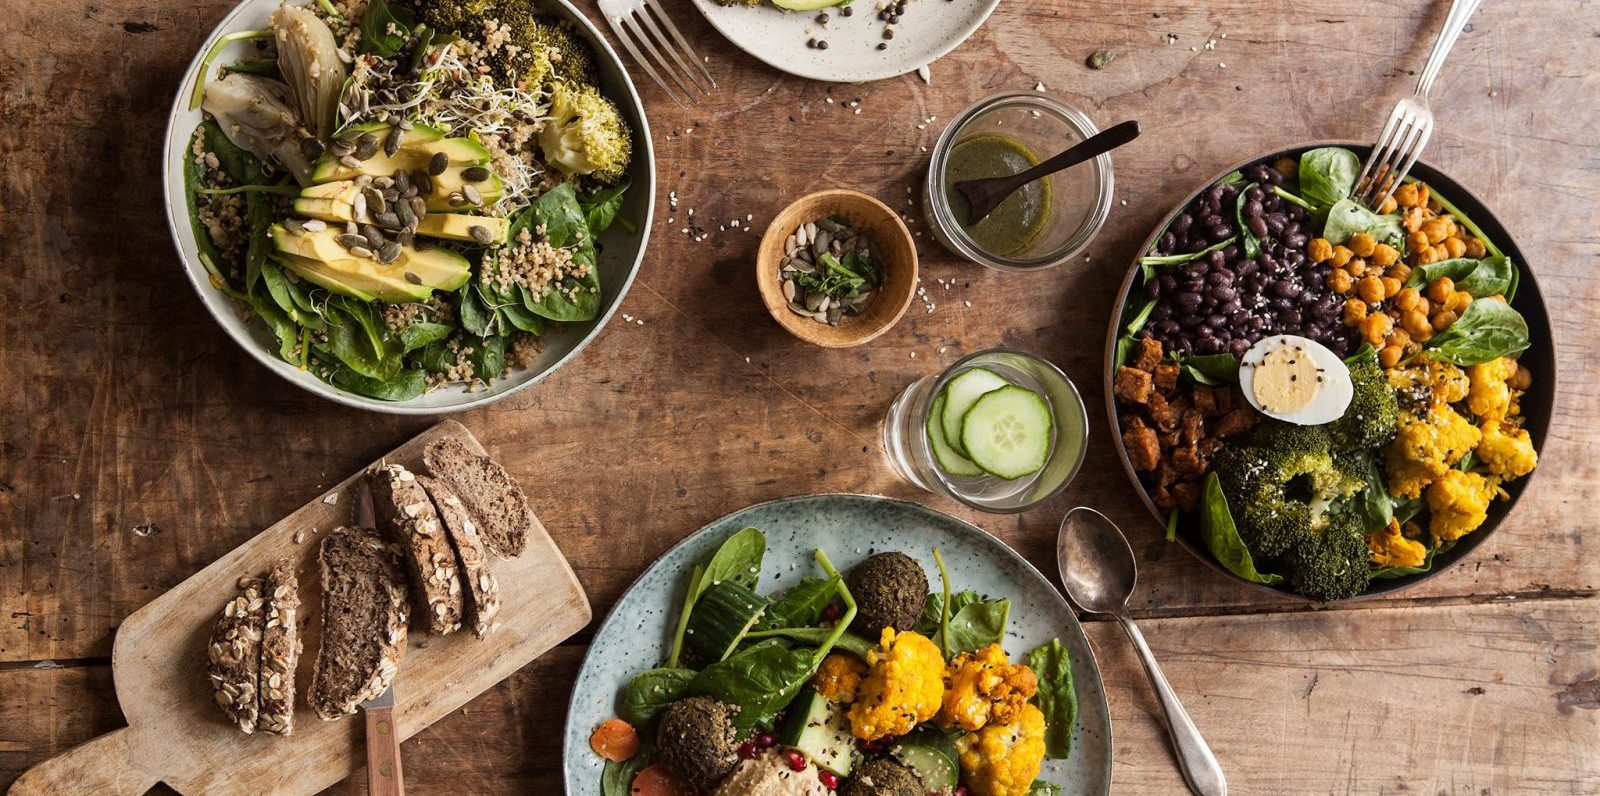 vegan-restaurants-in-amsterdam-e1521107531732-1